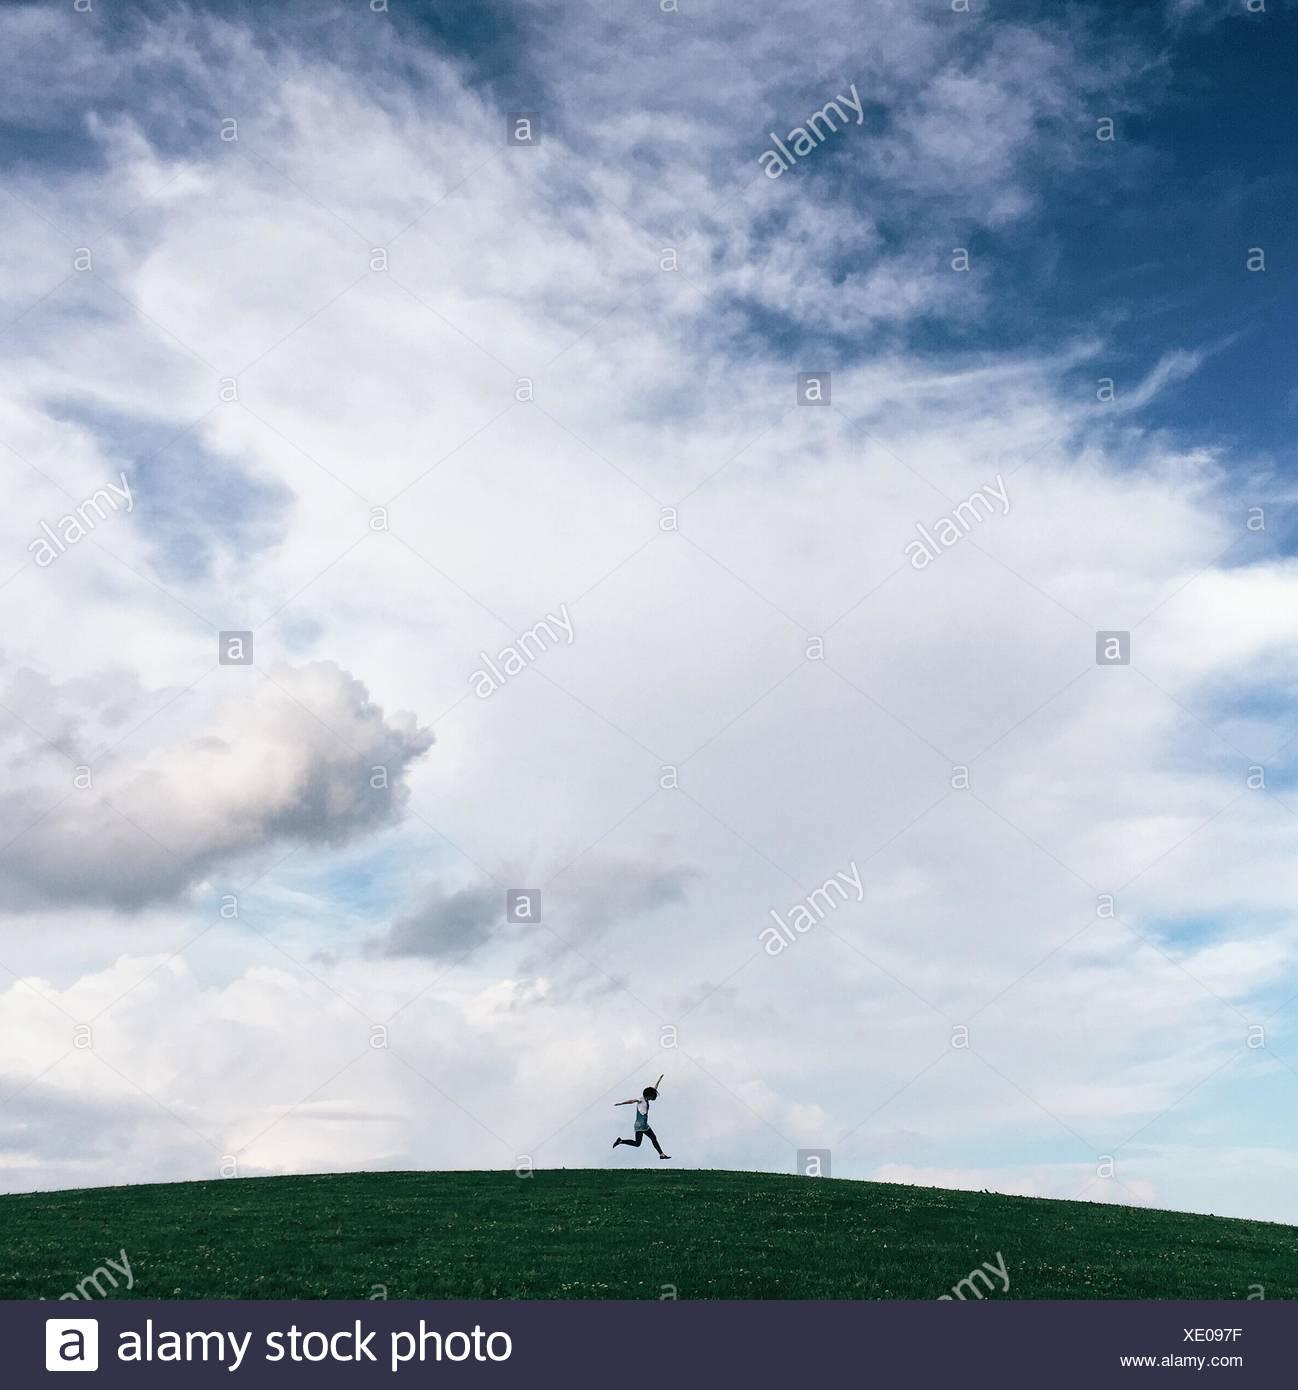 Niedrigen Winkel Sicht der Person auf grasbewachsenen Hügel gegen bewölktem Himmel springen Stockbild